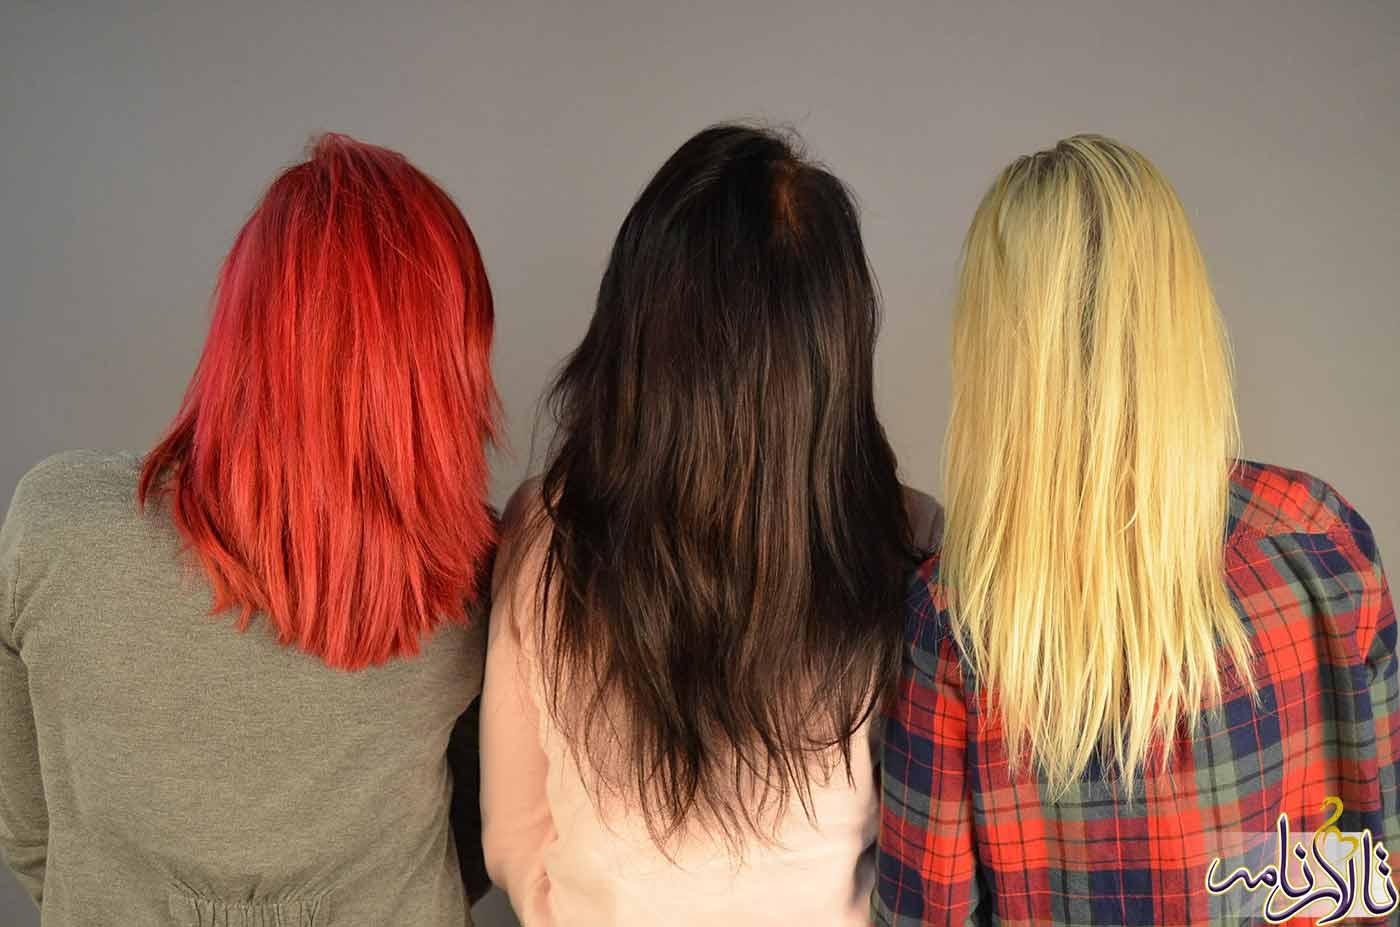 رنگ موی مناسب برای چهره شما کدام است؟